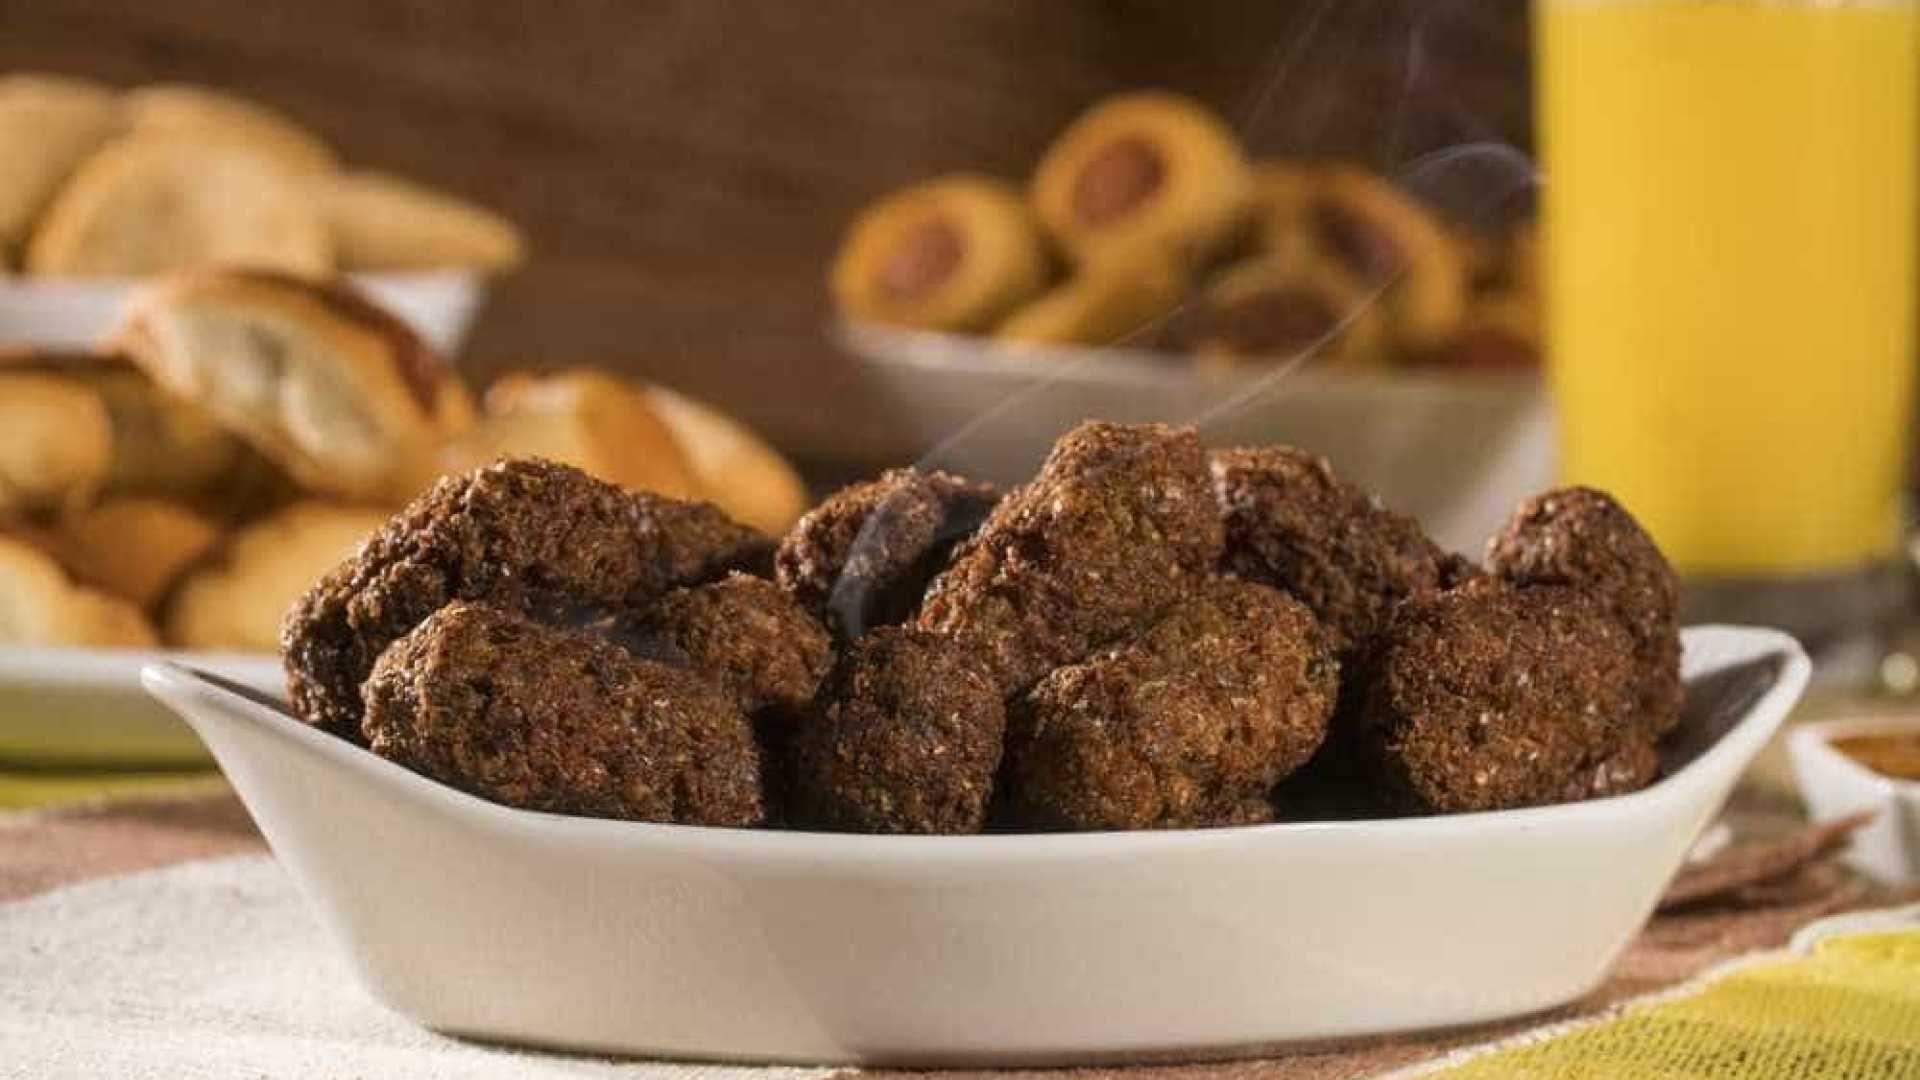 Petisco Pratico E Saudavel Bolinho Assado De Carne Com Aveia Com